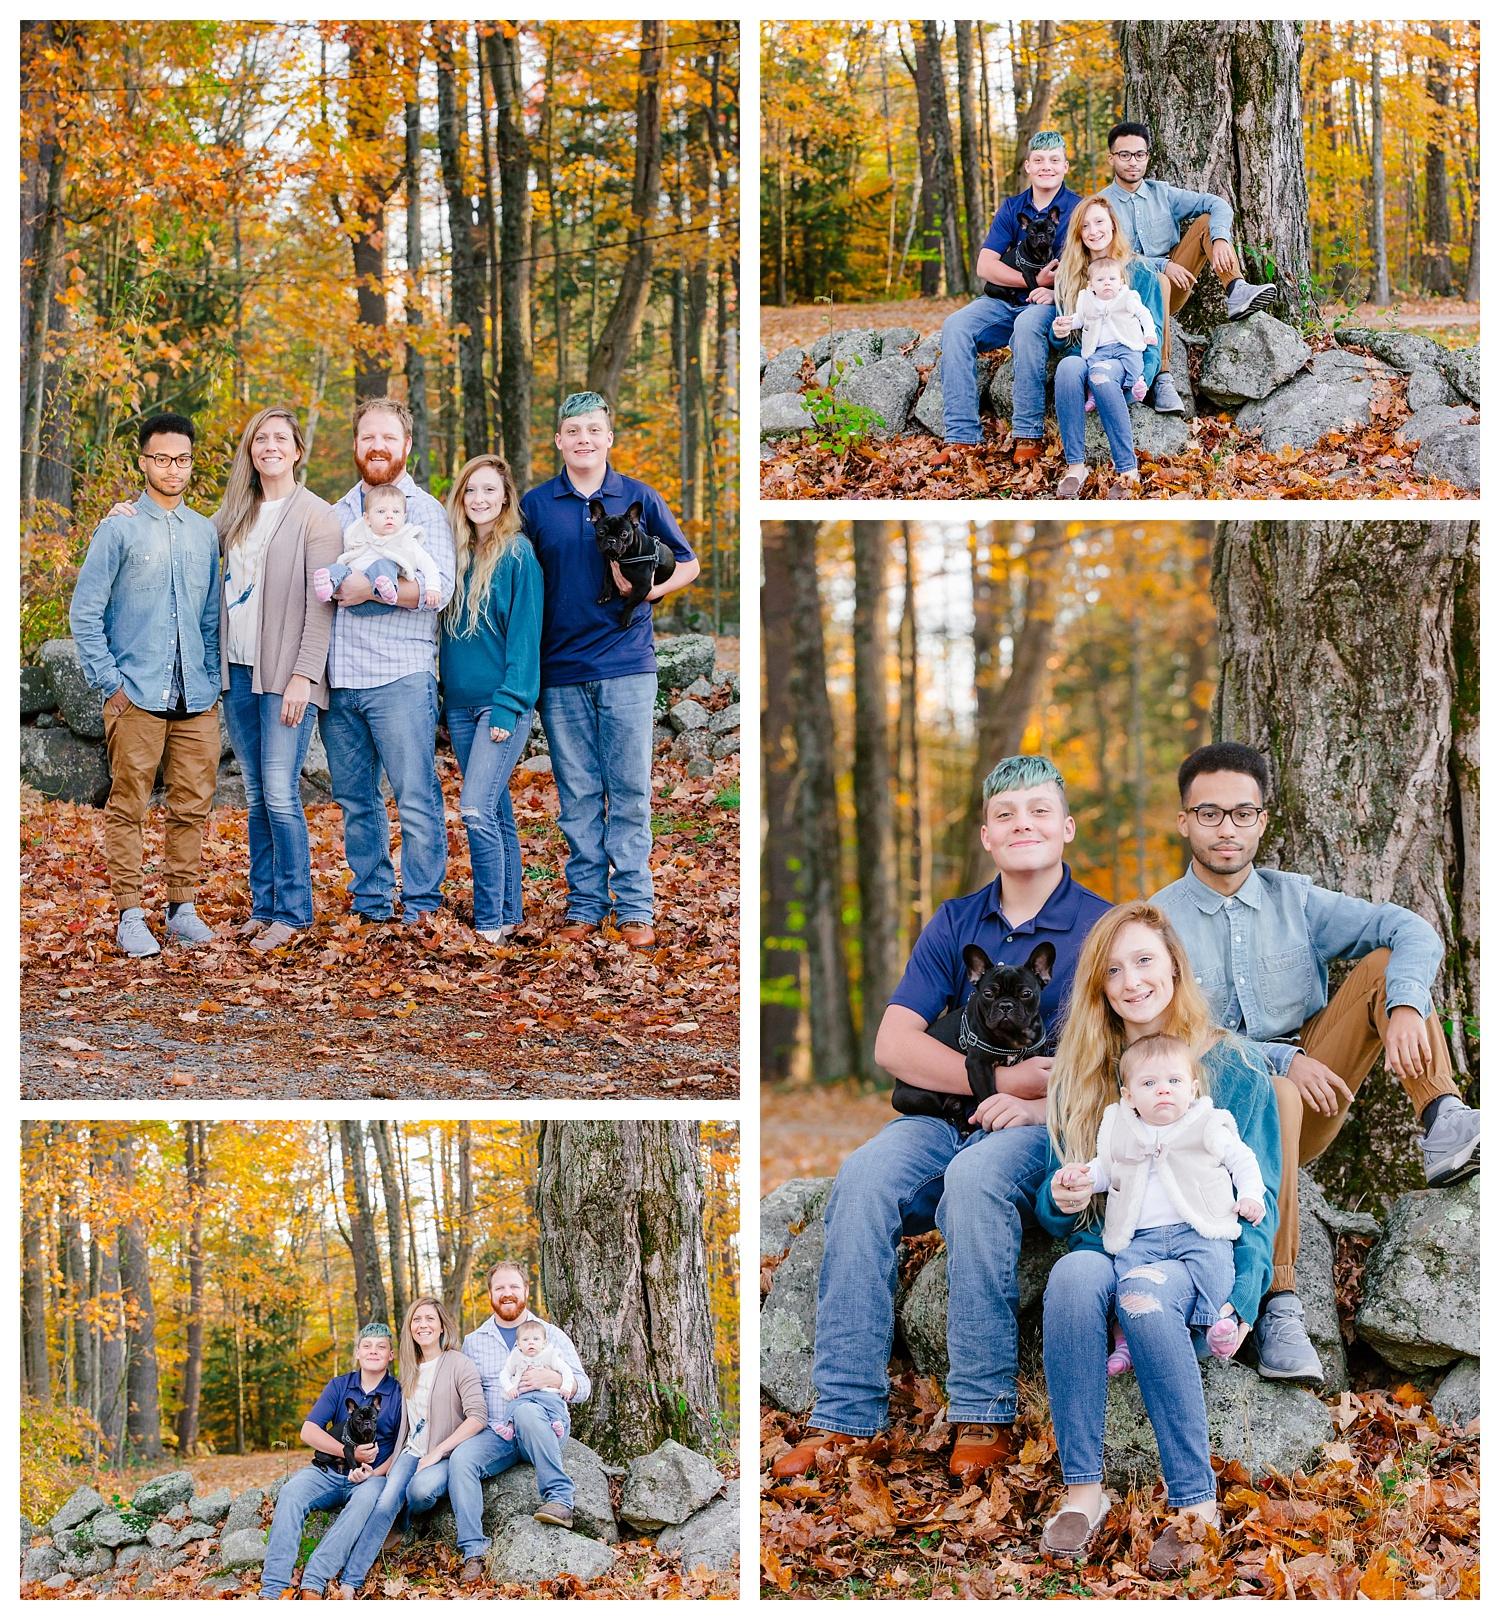 016Bastoni-Ewing_Family-8970.jpg